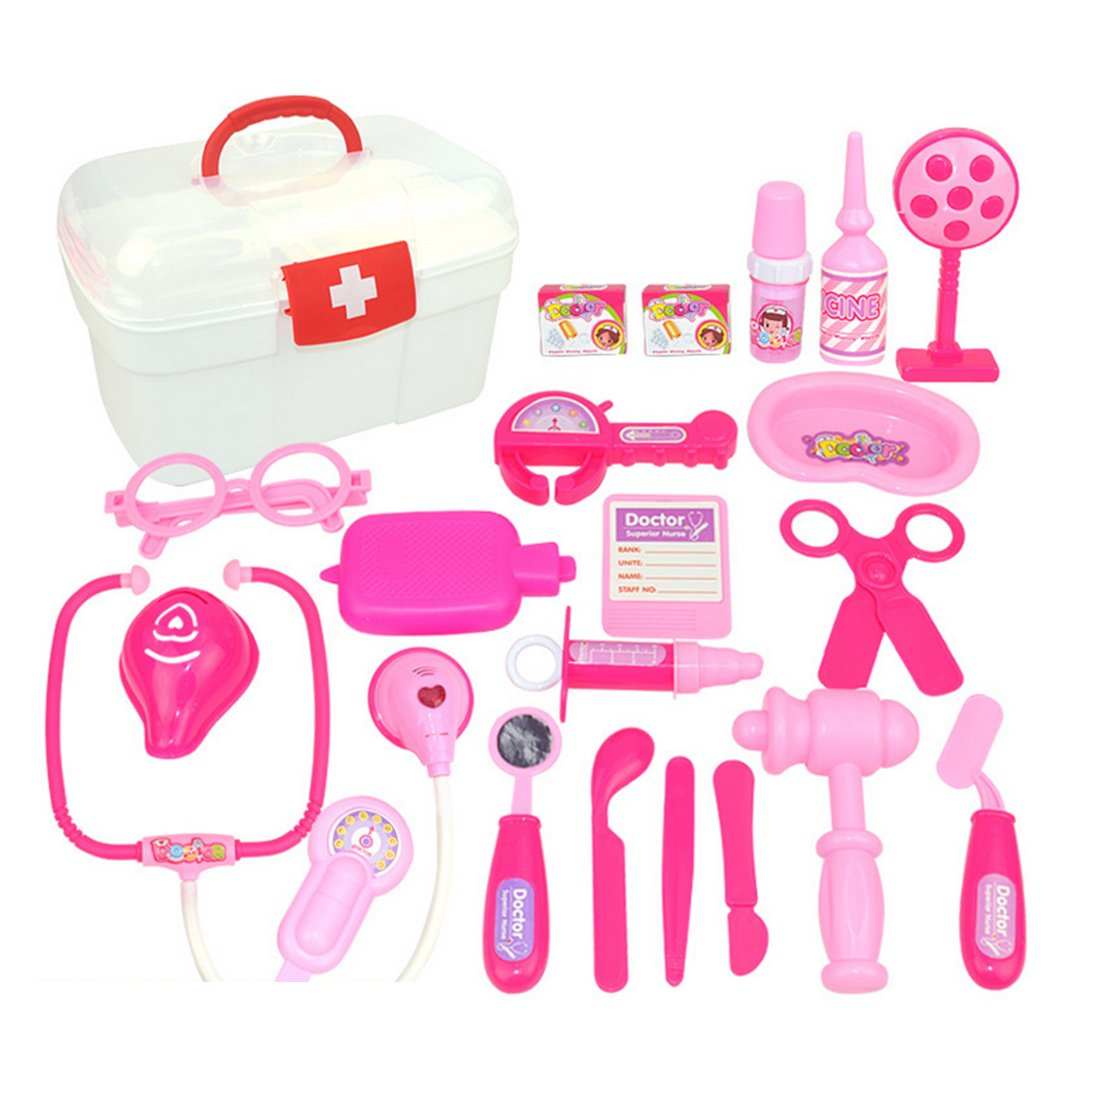 Giplar 22er Arztkoffer Set Doktor Spielzeug Arzt Zubehör Rollenspiele Spielzeug für Kinder ab 3 Jahren